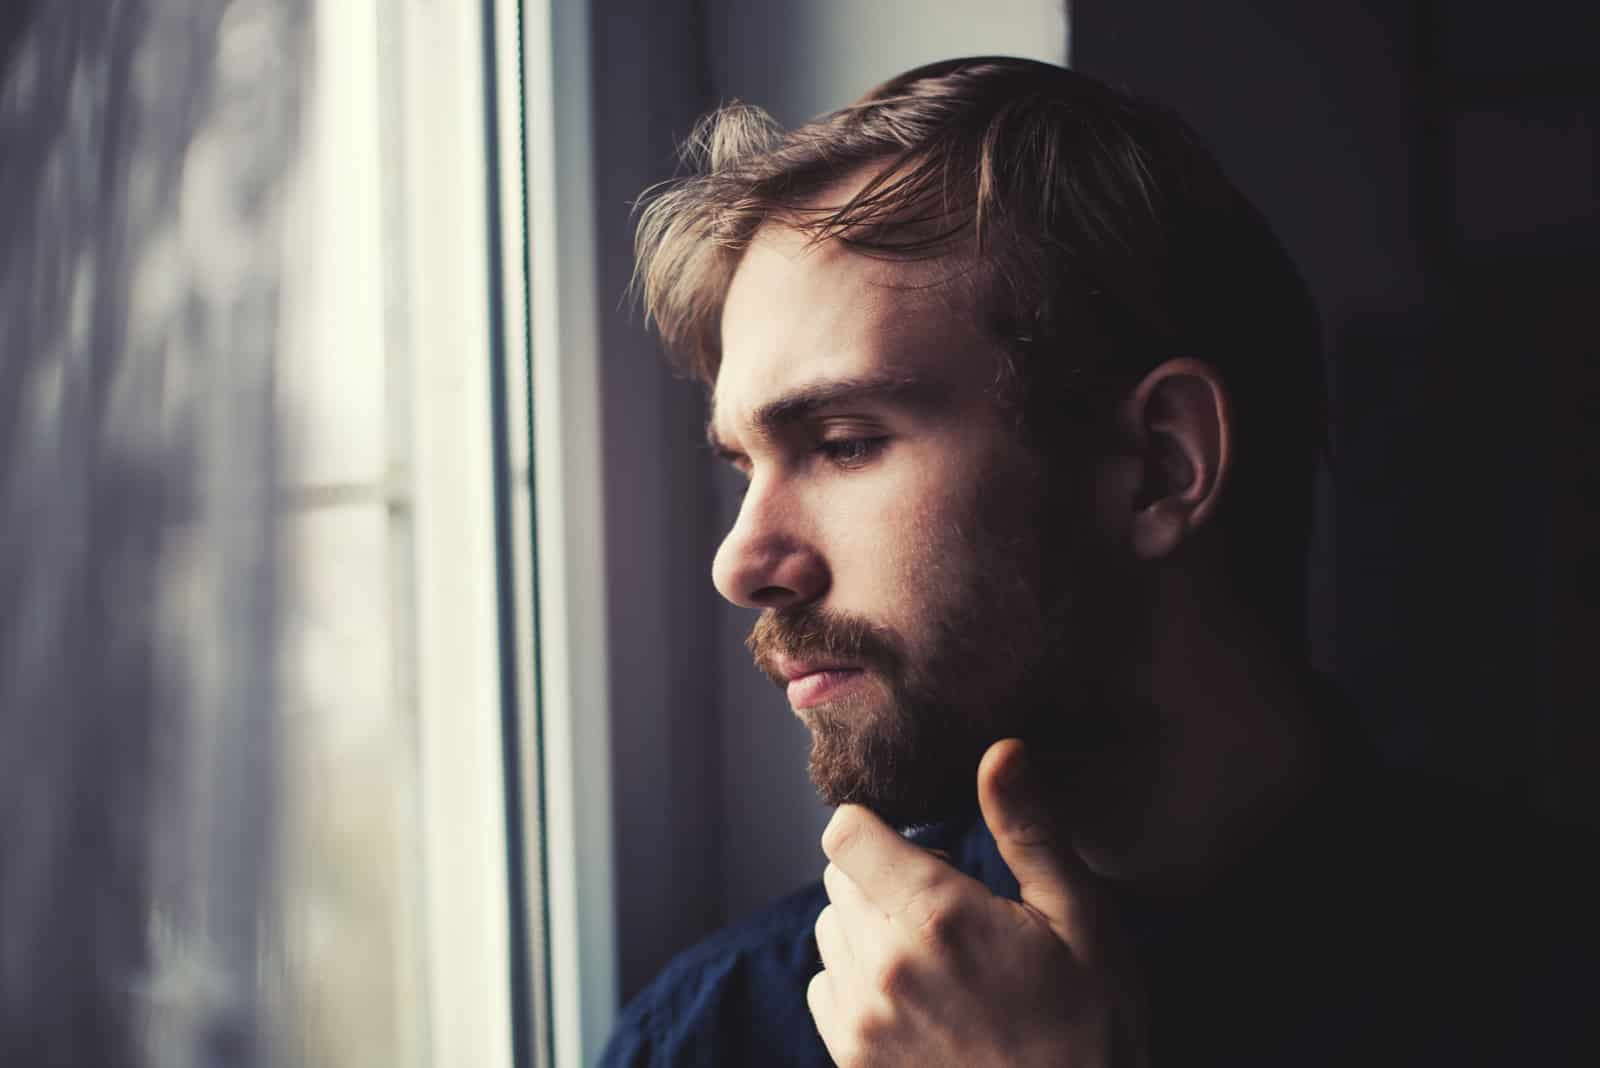 homme regardant à travers une fenêtre